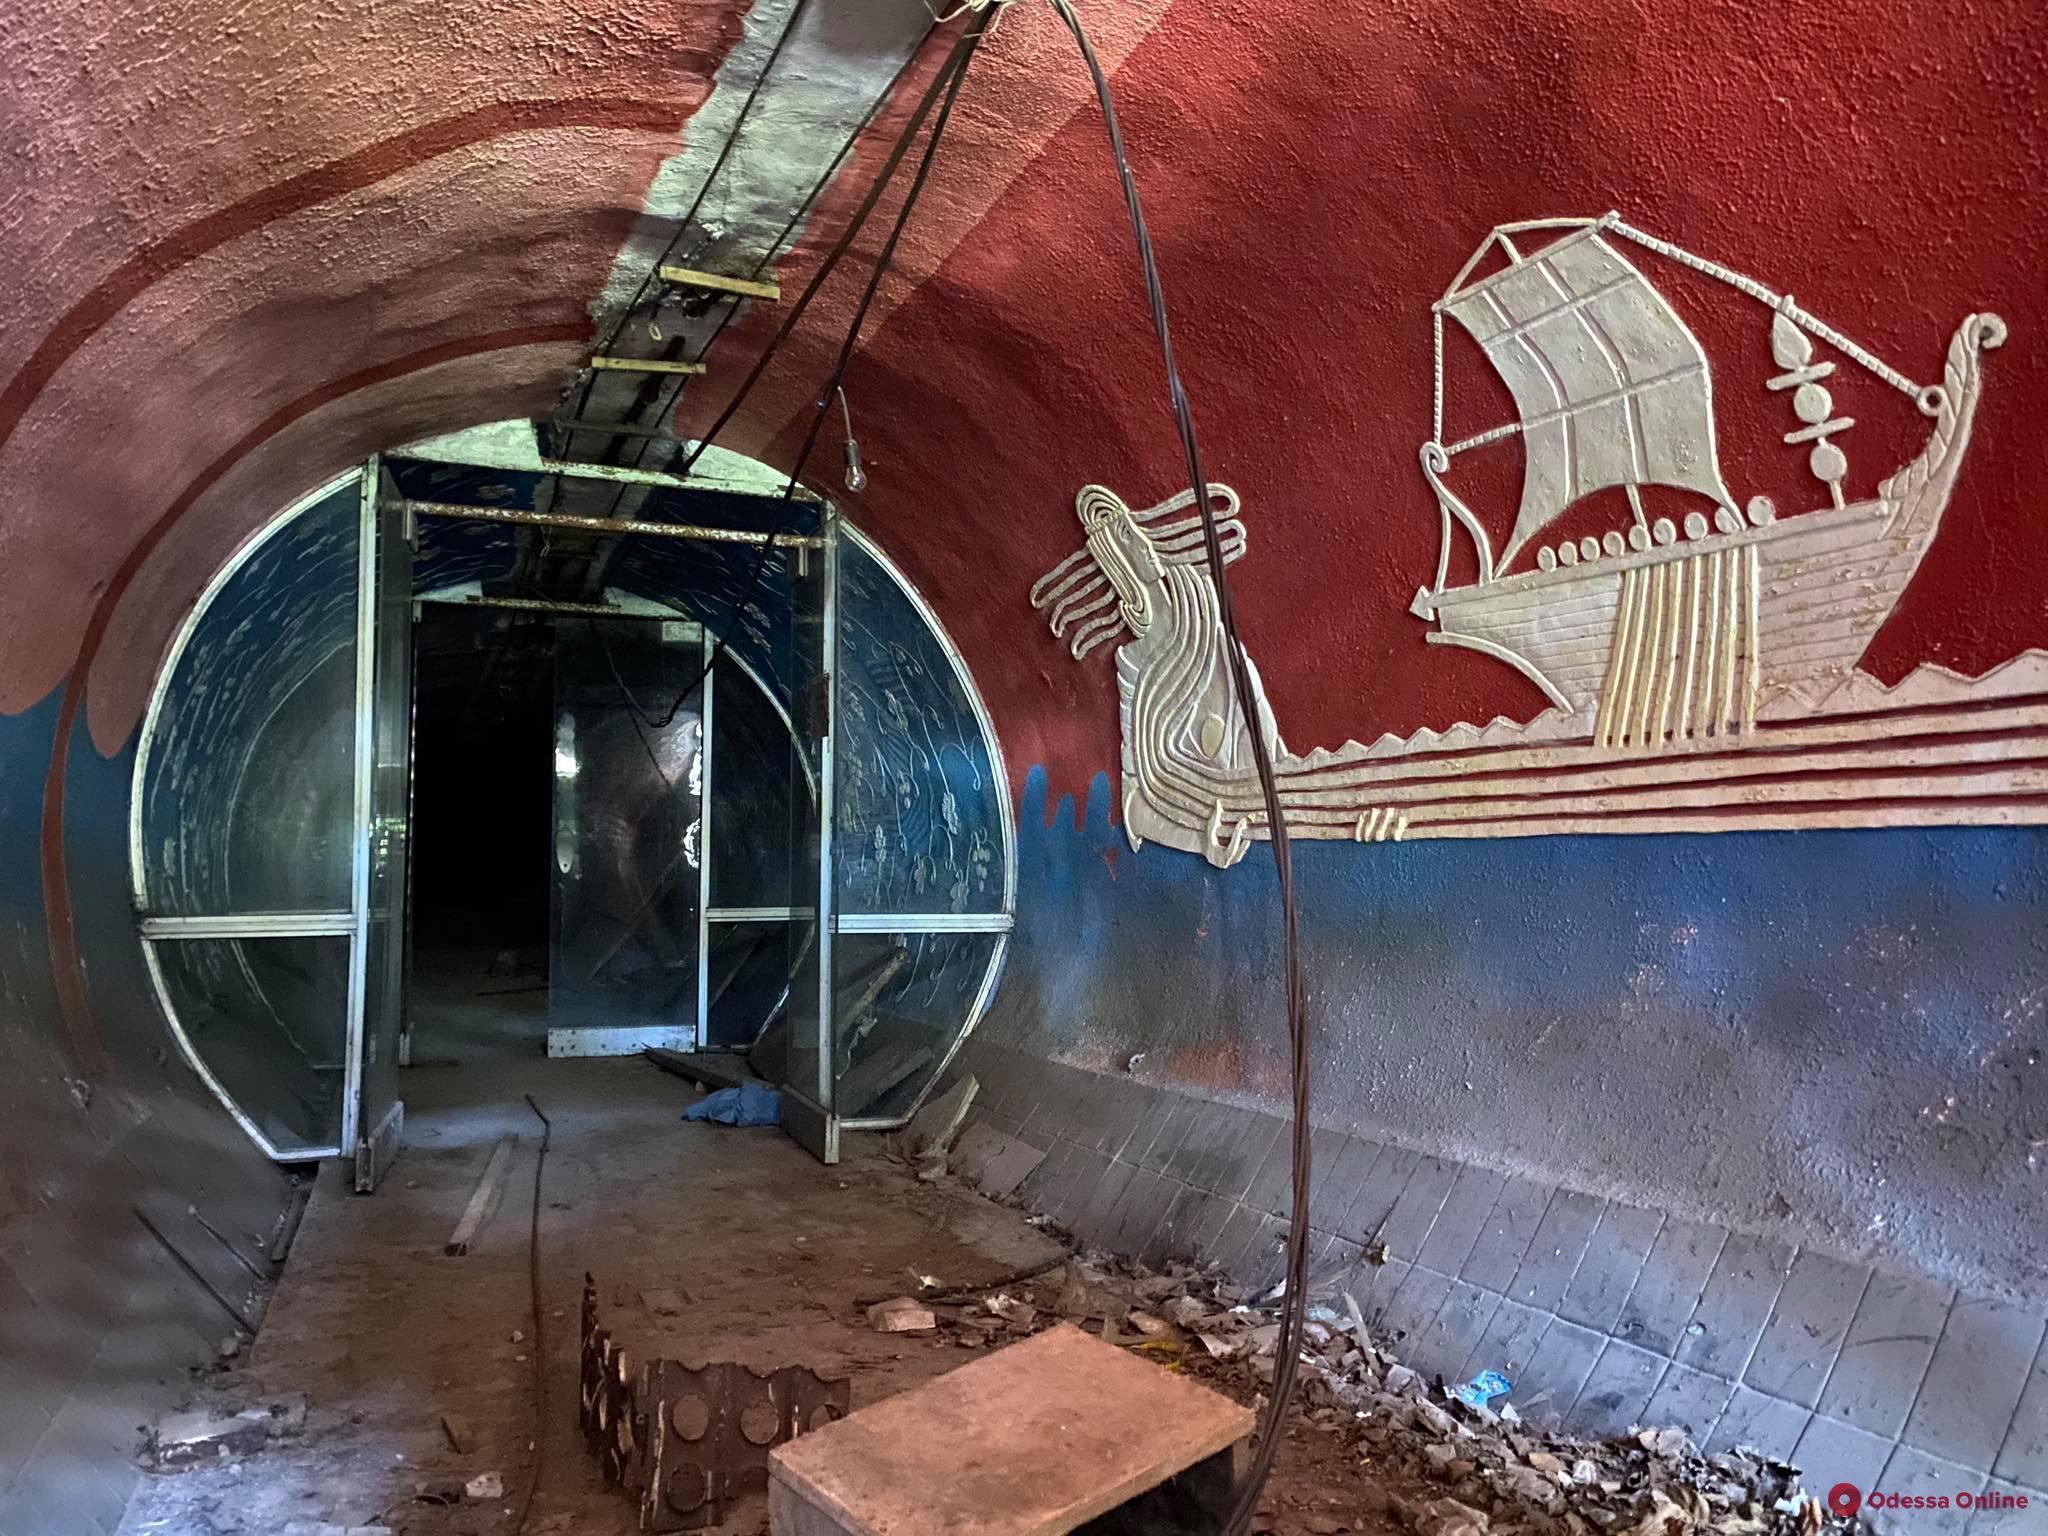 Сказочный тоннель: кадры, вызывающие ностальгию у одесситов